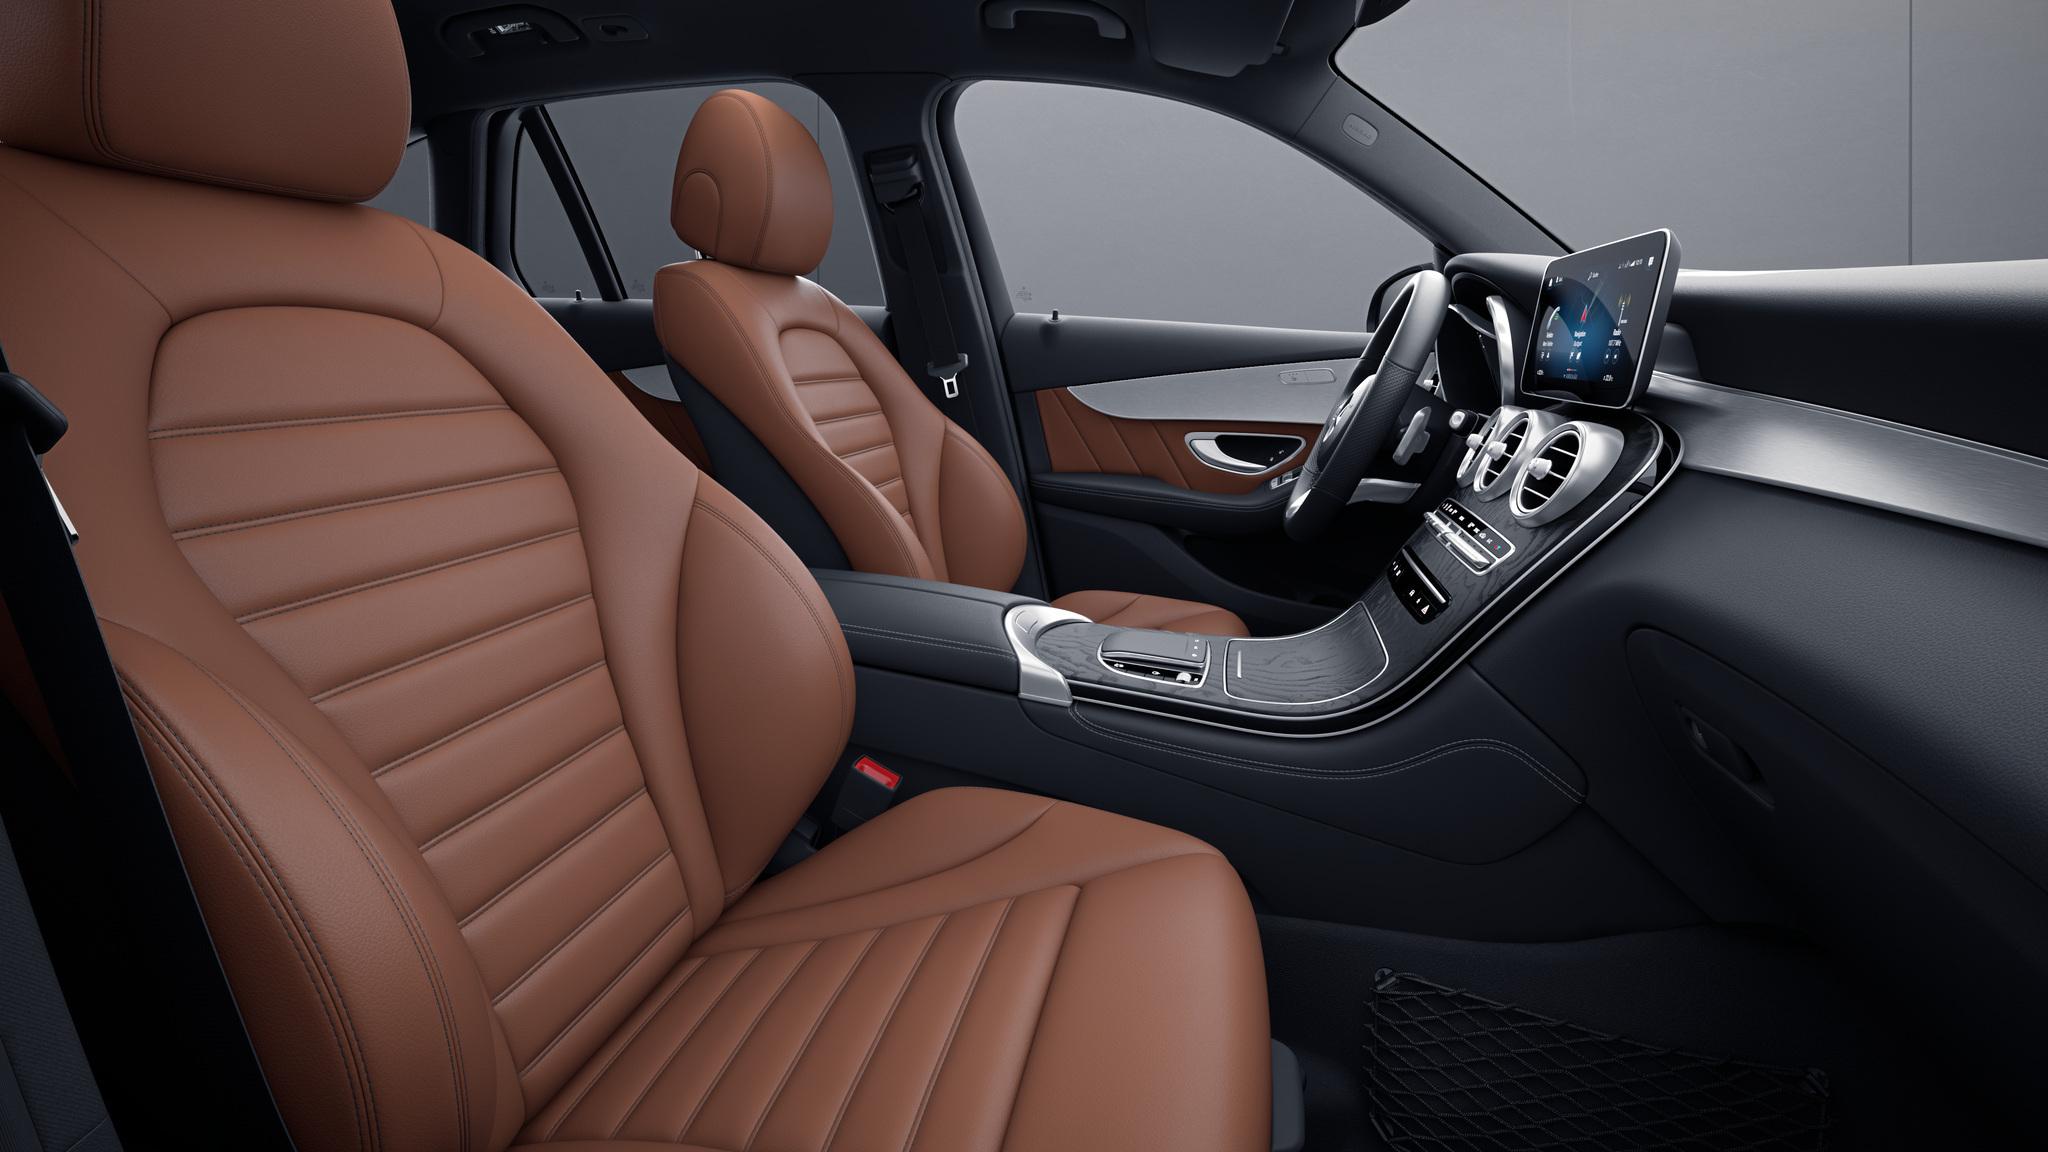 Habitacle de la Mercedes GLC Coupé avec une Sellerie cuir marron noir